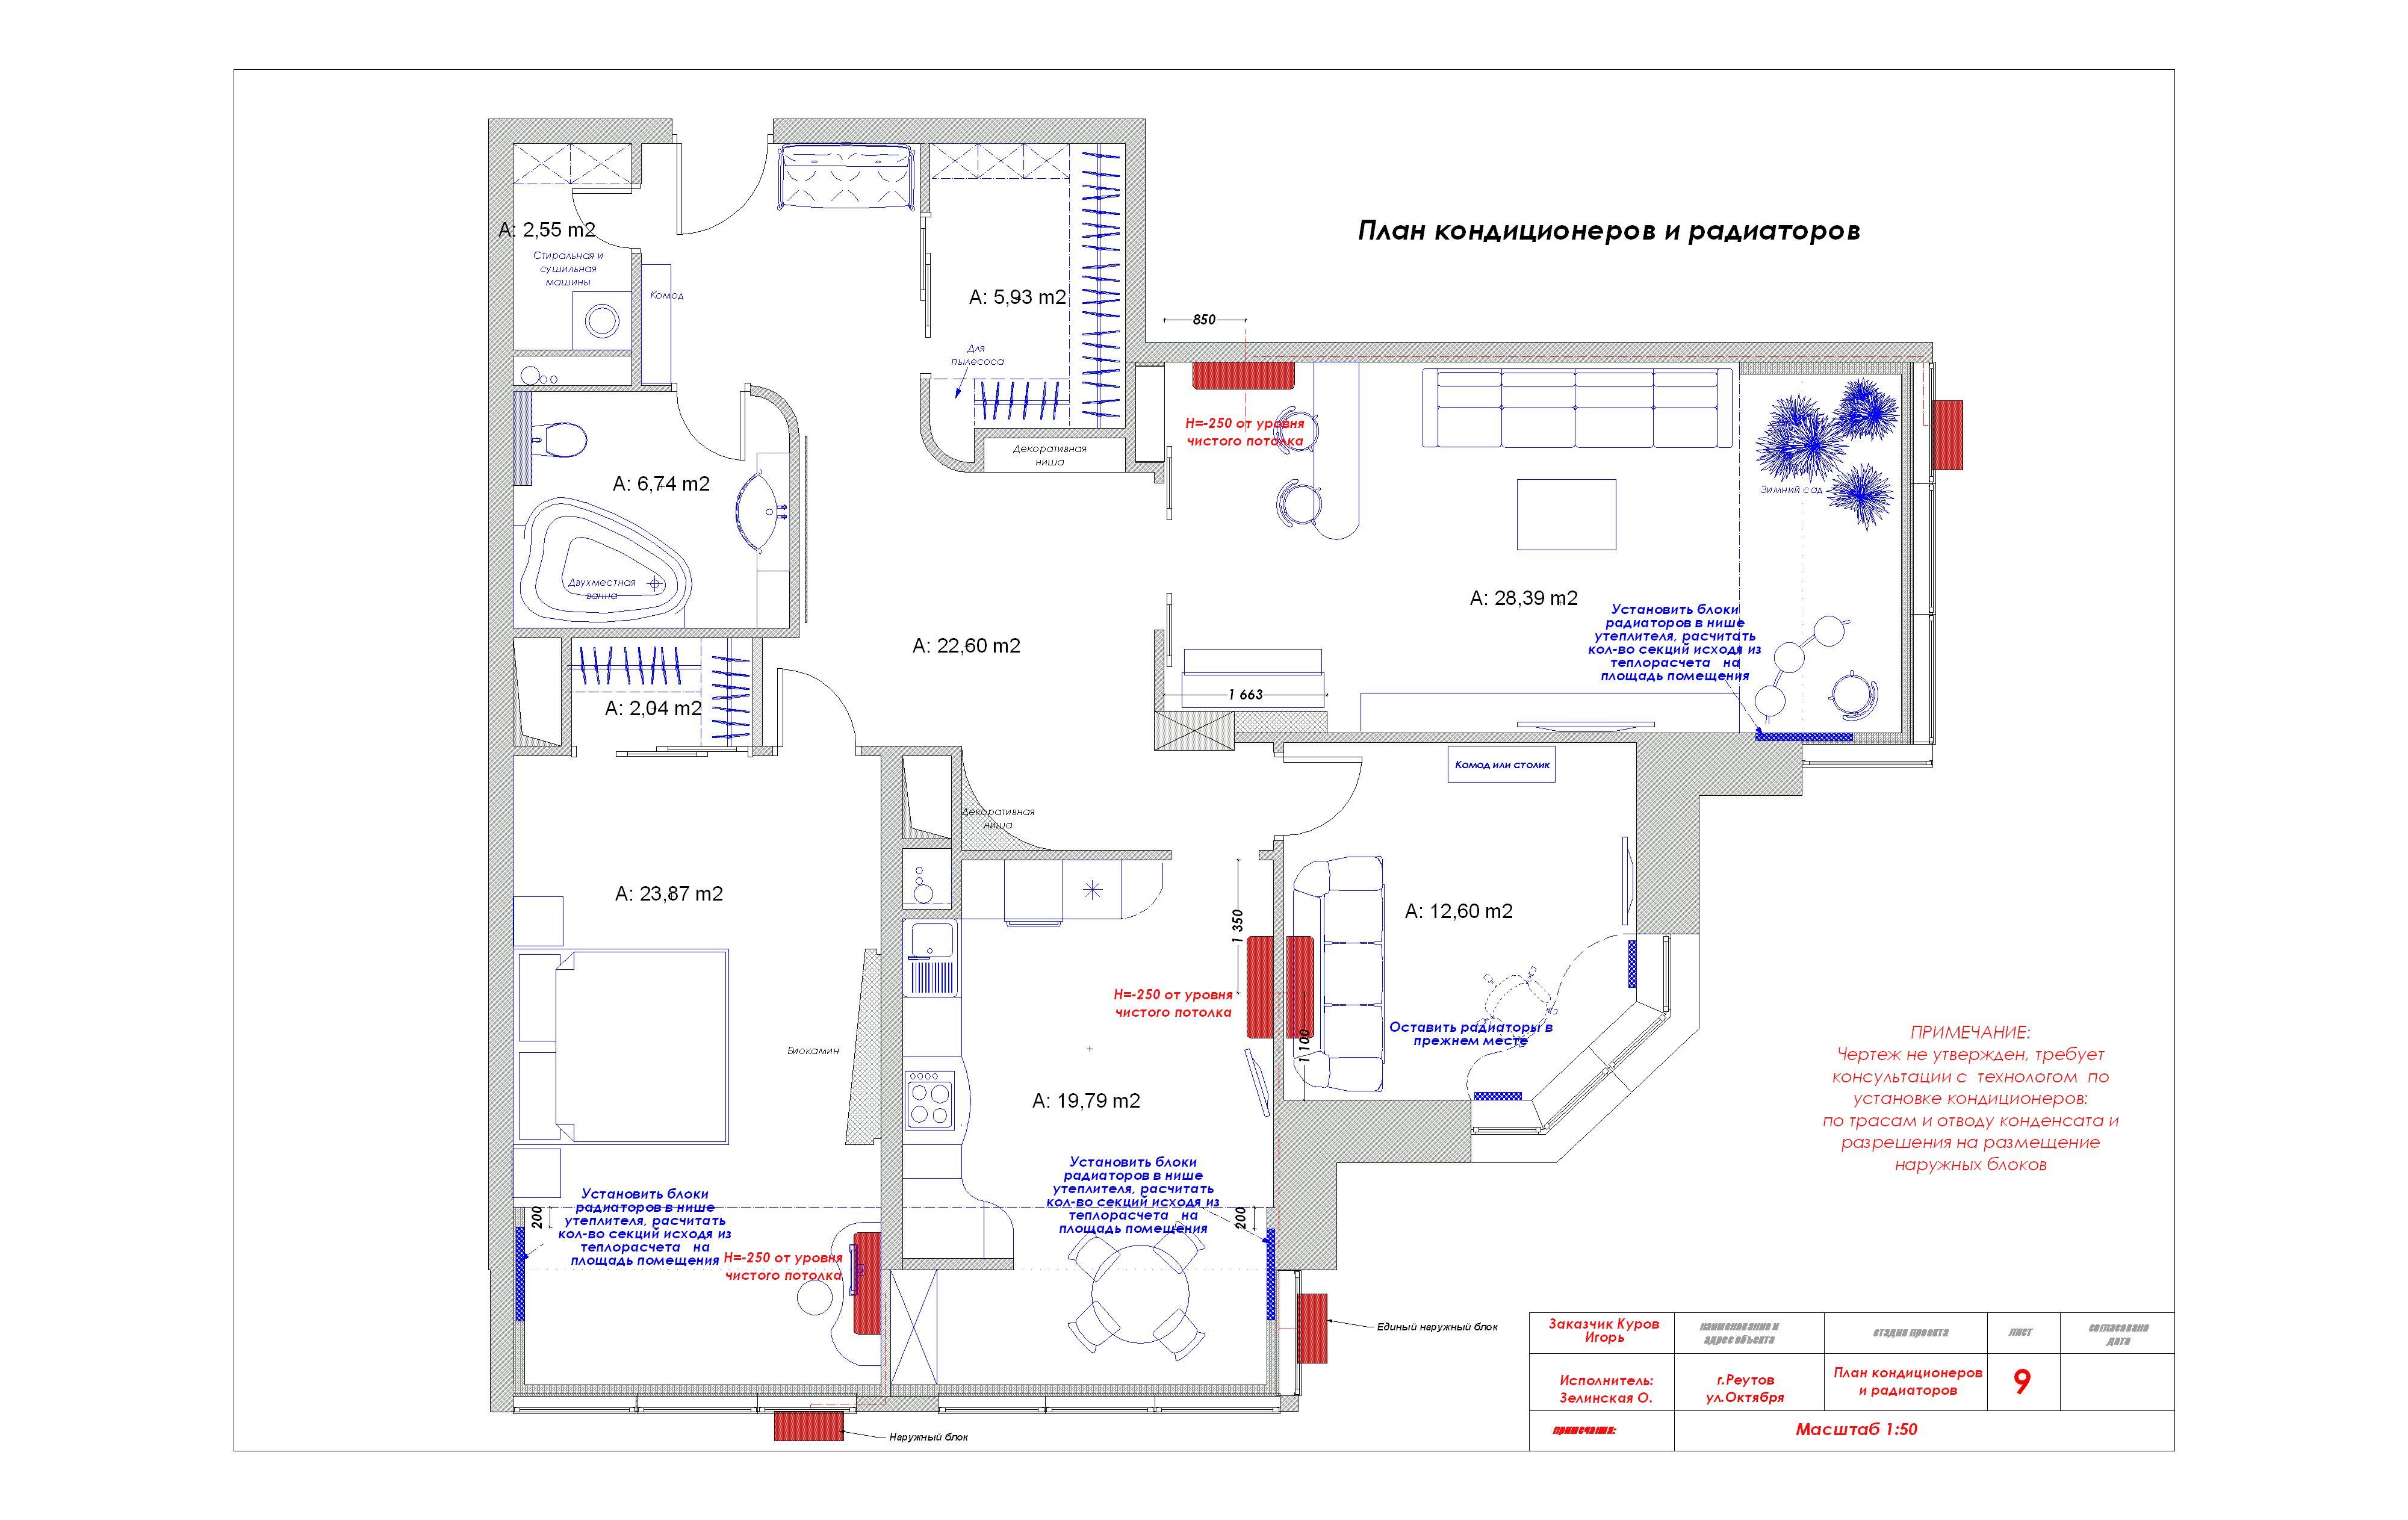 Проектирование систем вентиляции и кондиционирования: что об этом необходимо знать